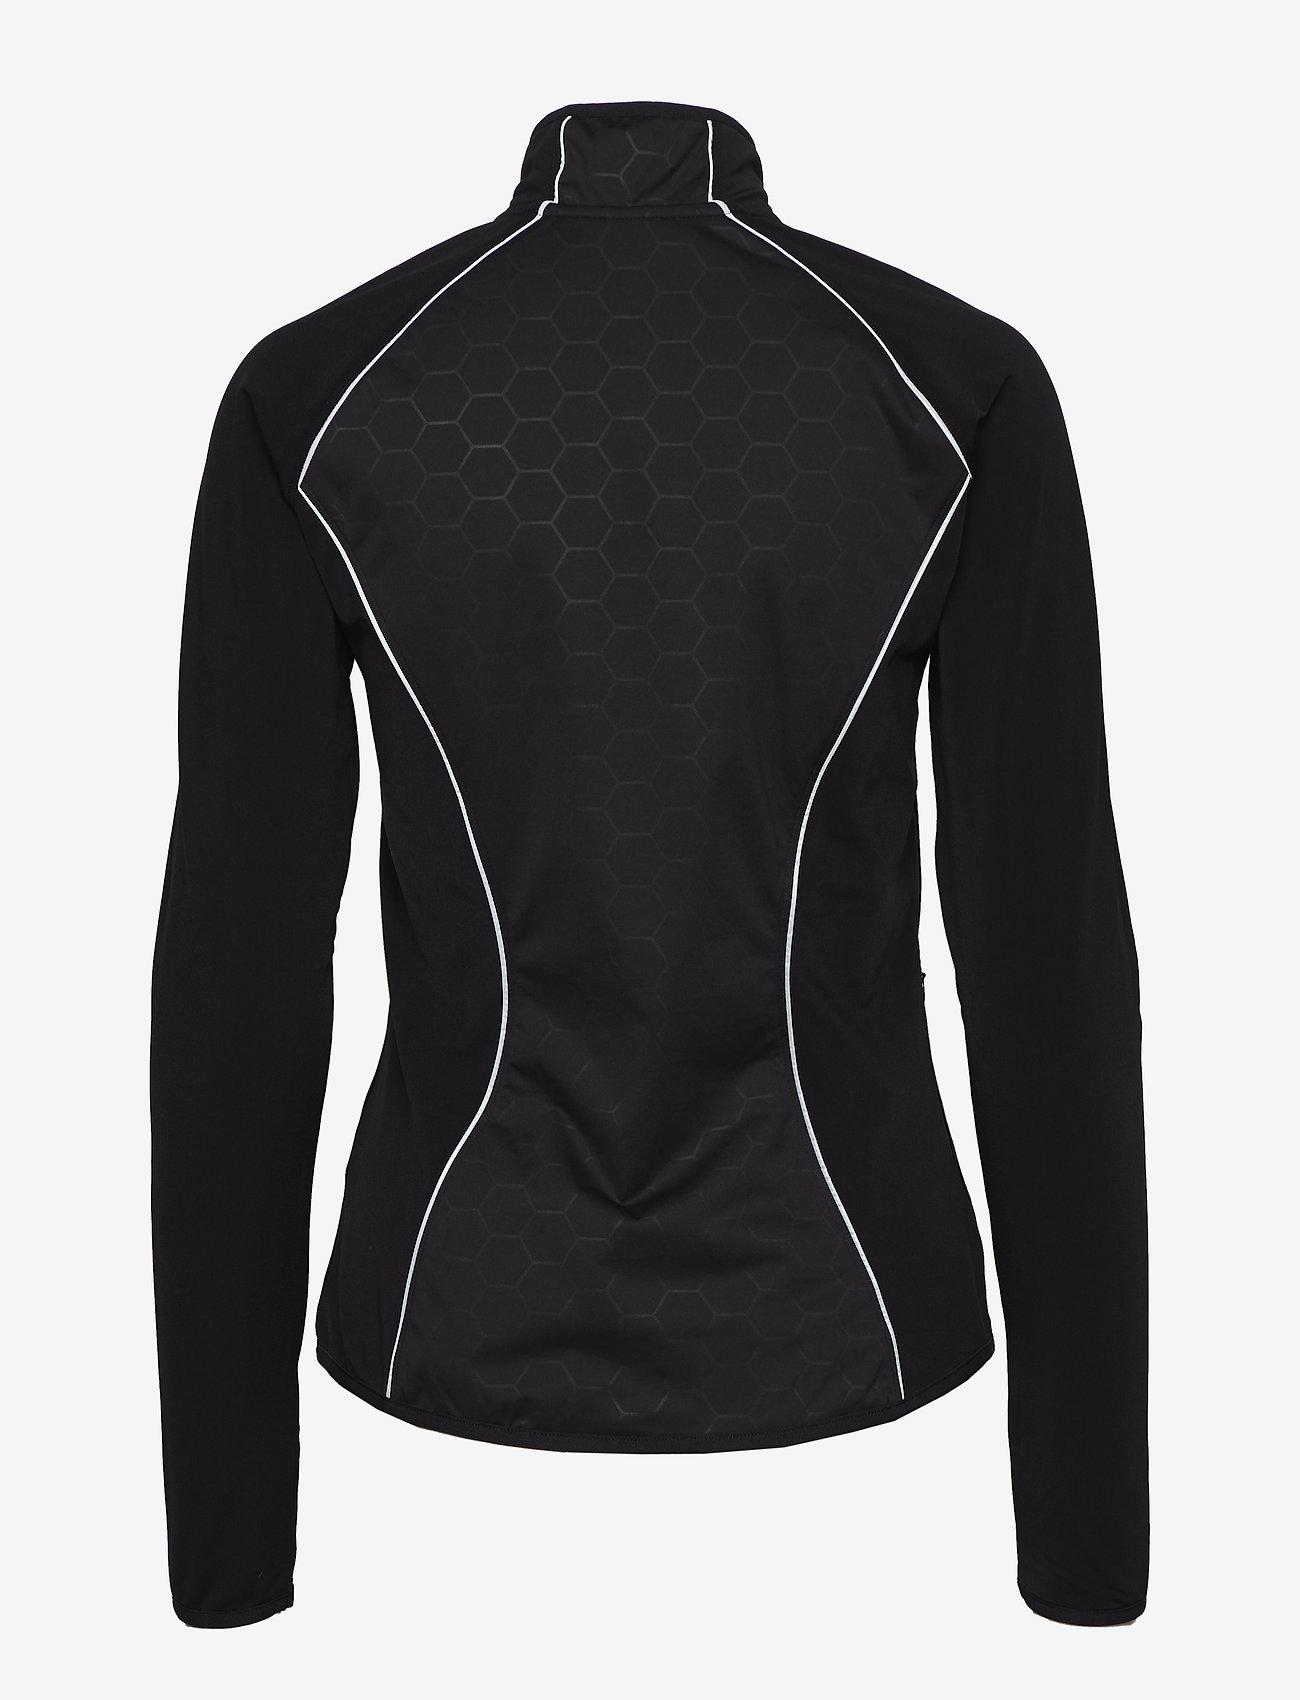 Röhnisch Thermo Wind Jacket - Sweatshirts